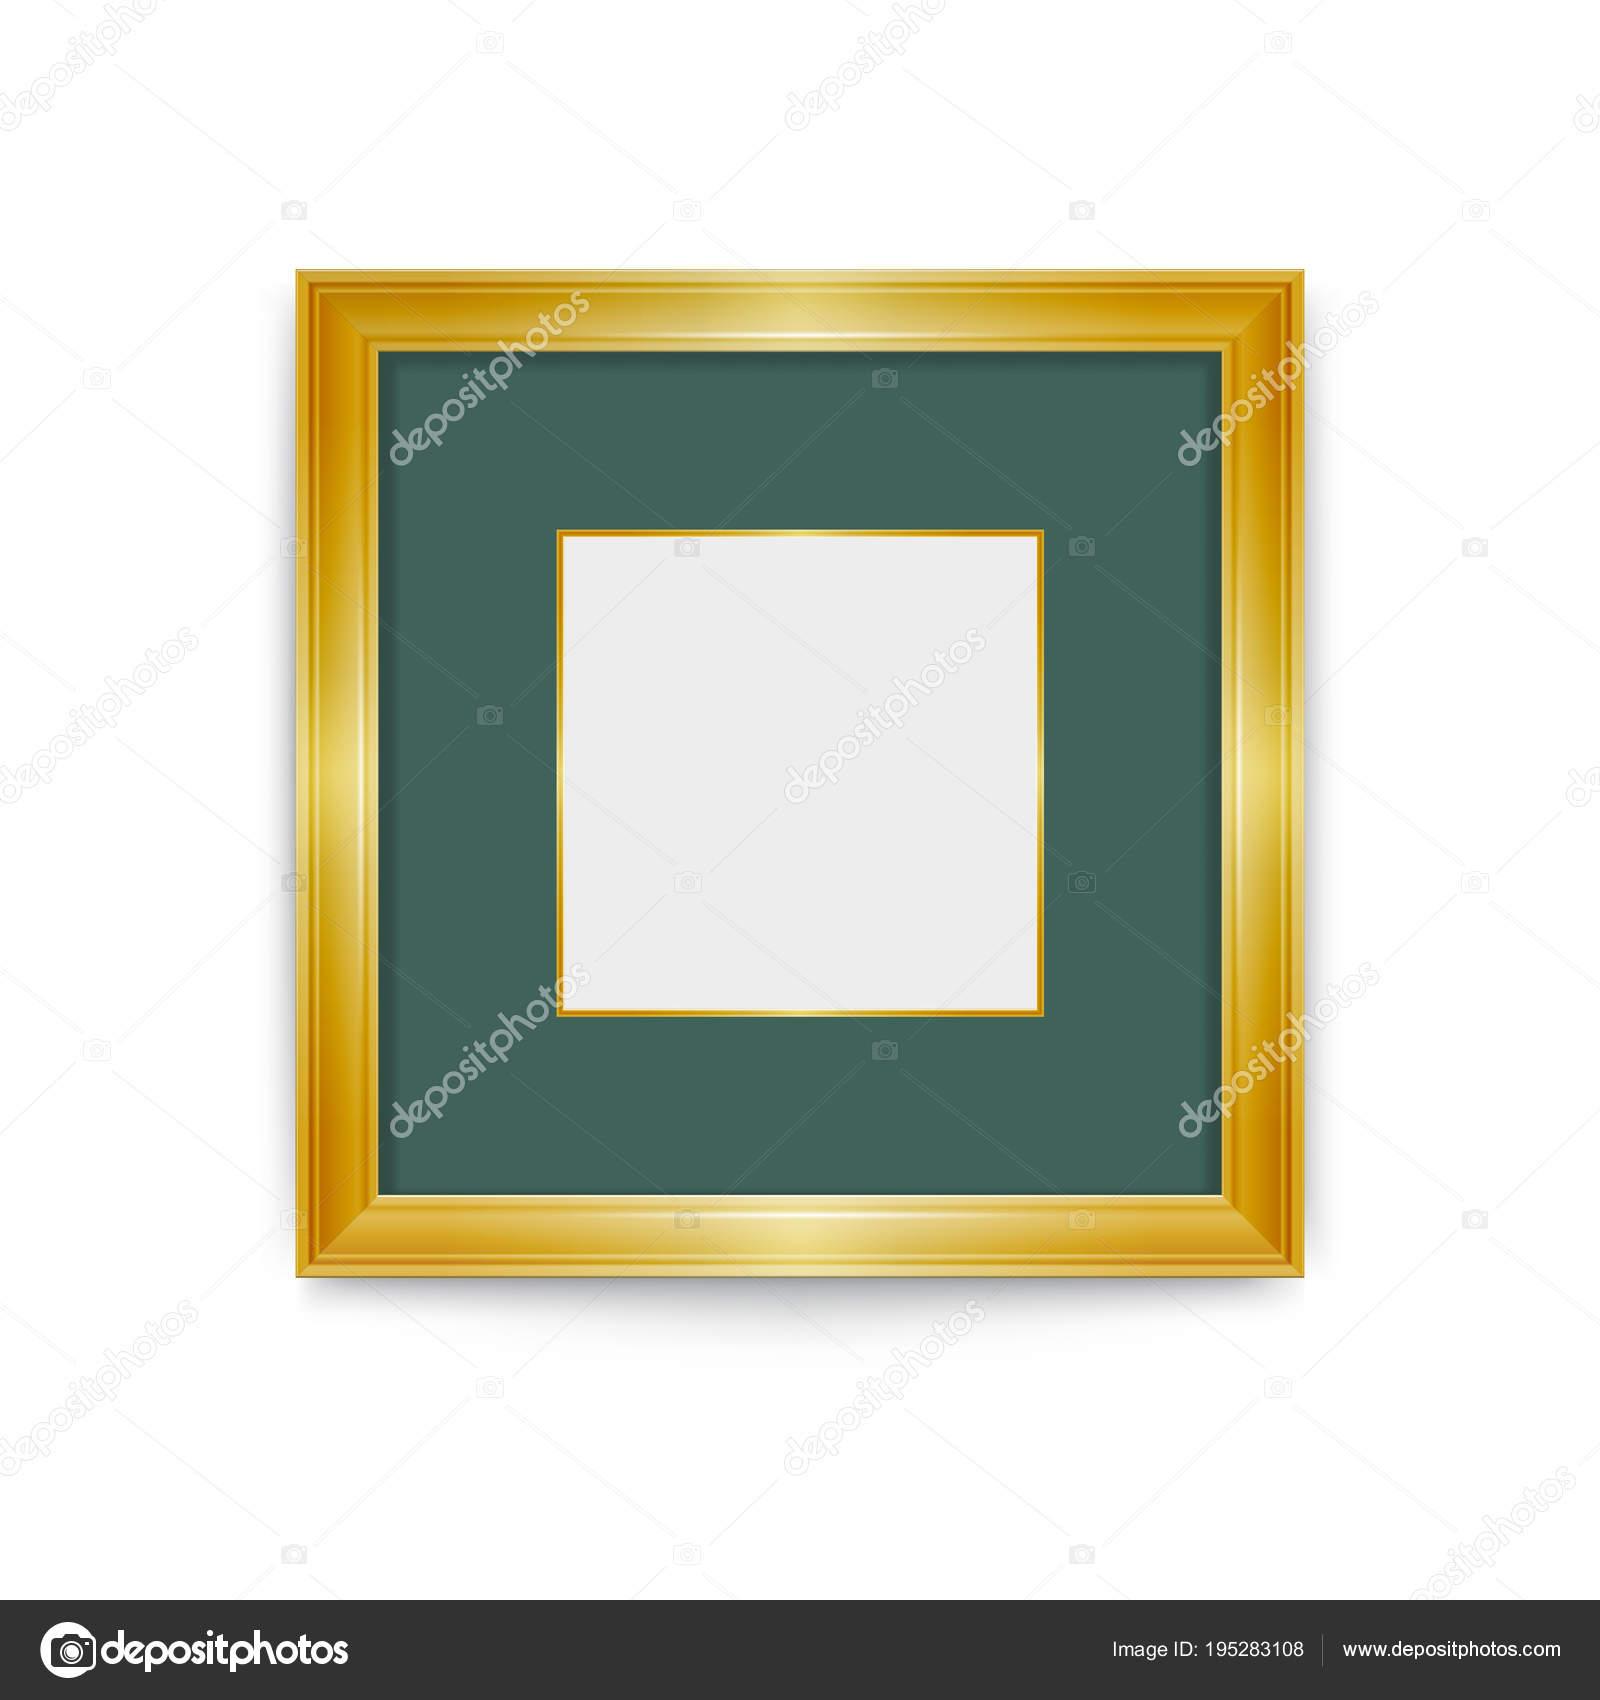 Goldrahmen mit grünem Passepartout. Ändern Sie leicht die Größe des ...